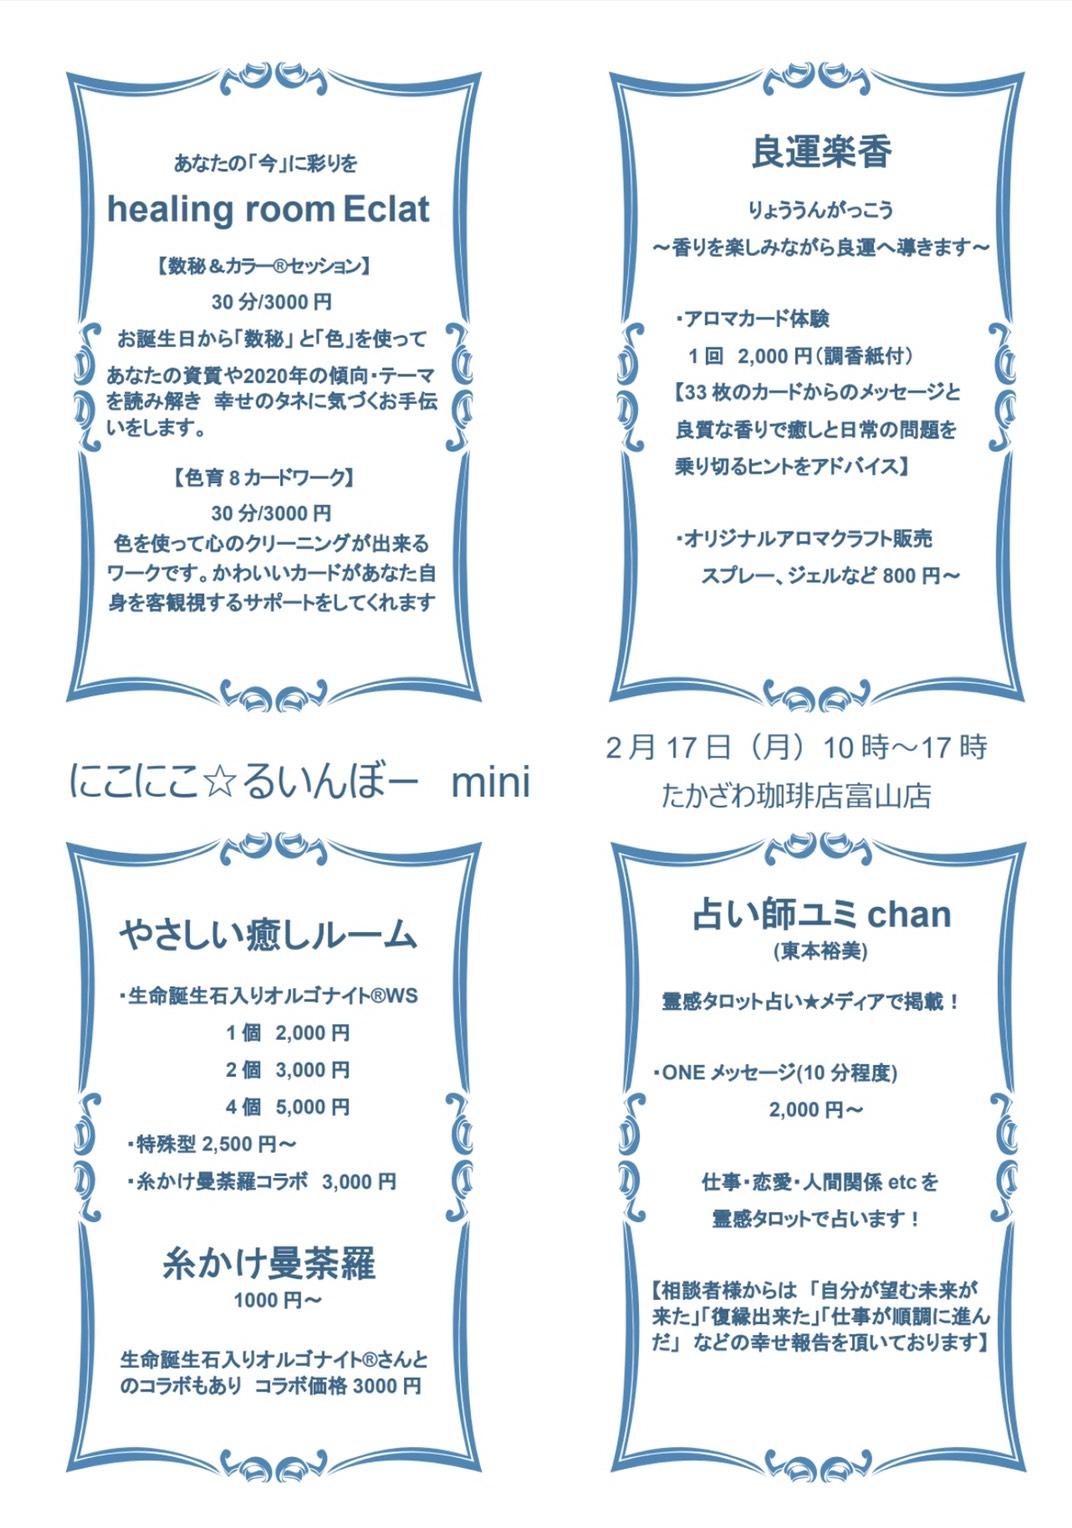 【イベント情報】にこにこ ✰ るいんぼー mini 2/17(月)